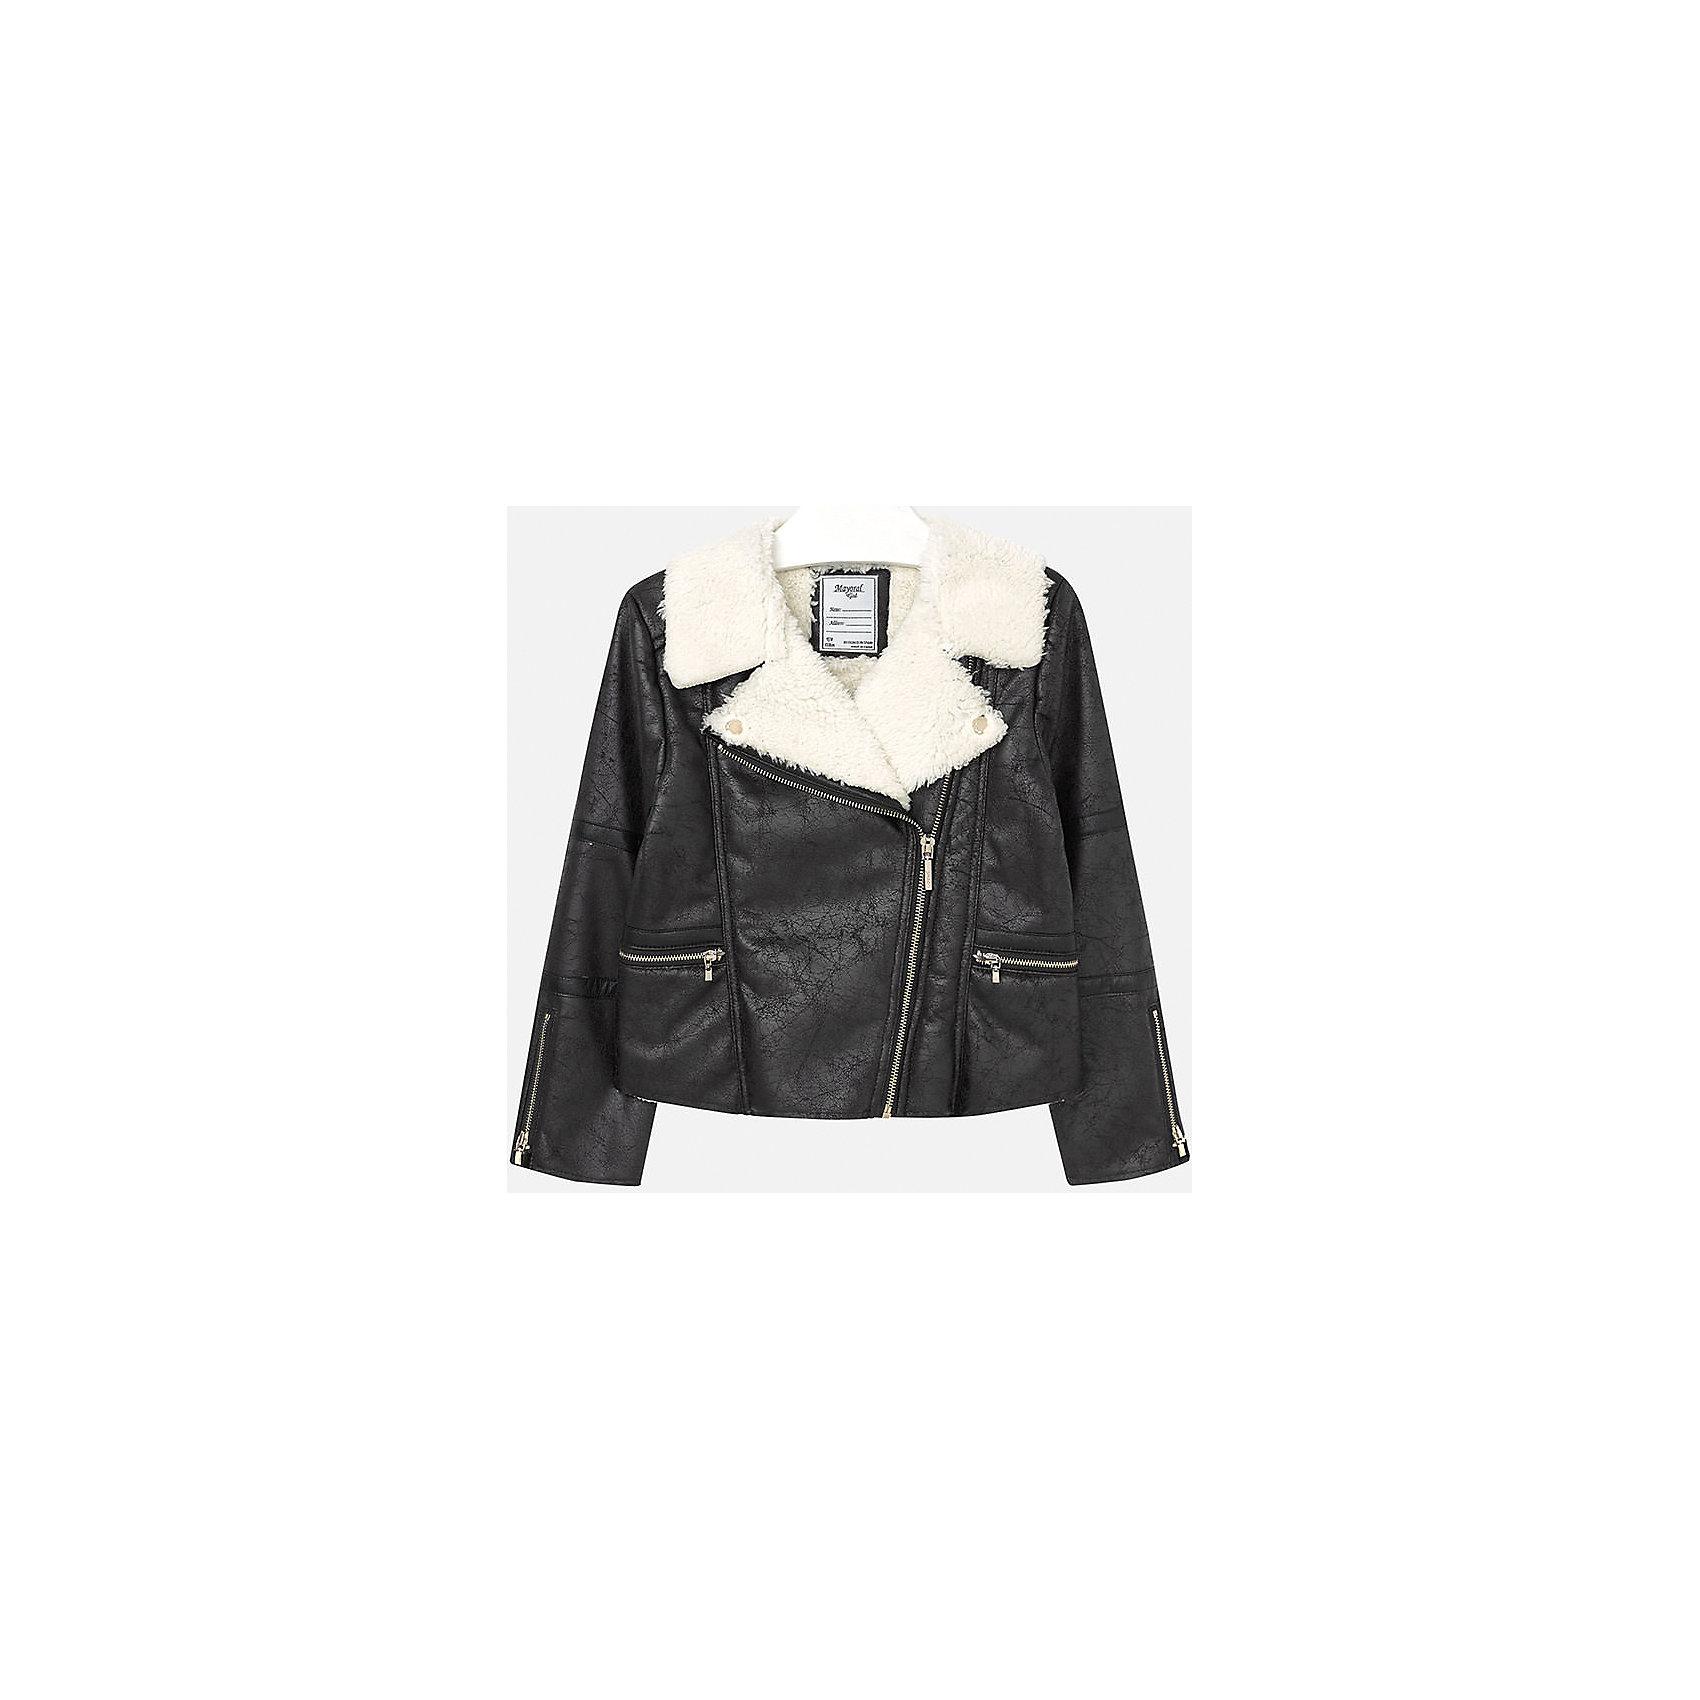 Куртка для девочки MayoralВерхняя одежда<br>Куртка для девочки от популярного испанского бренда Mayoral(Майорал). Стильная куртка из искусственной замши с эффектом потертостей, украшена искусственным мехом на вороте. Застегивается на молнии спереди и на рукавах. Лучшее сочетание стиля и простоты!<br>Дополнительная информация:<br>-застегивается на молнию<br>-эффект потертости<br>-цвет: черный<br>-состав: 100% полиэстер<br>Куртку Mayoral(Майорал) вы можете приобрести в нашем интернет-магазине.<br><br>Ширина мм: 356<br>Глубина мм: 10<br>Высота мм: 245<br>Вес г: 519<br>Цвет: черный<br>Возраст от месяцев: 156<br>Возраст до месяцев: 168<br>Пол: Женский<br>Возраст: Детский<br>Размер: 158/164,134/140,164/170,152/158,128/134,146/152<br>SKU: 4847283